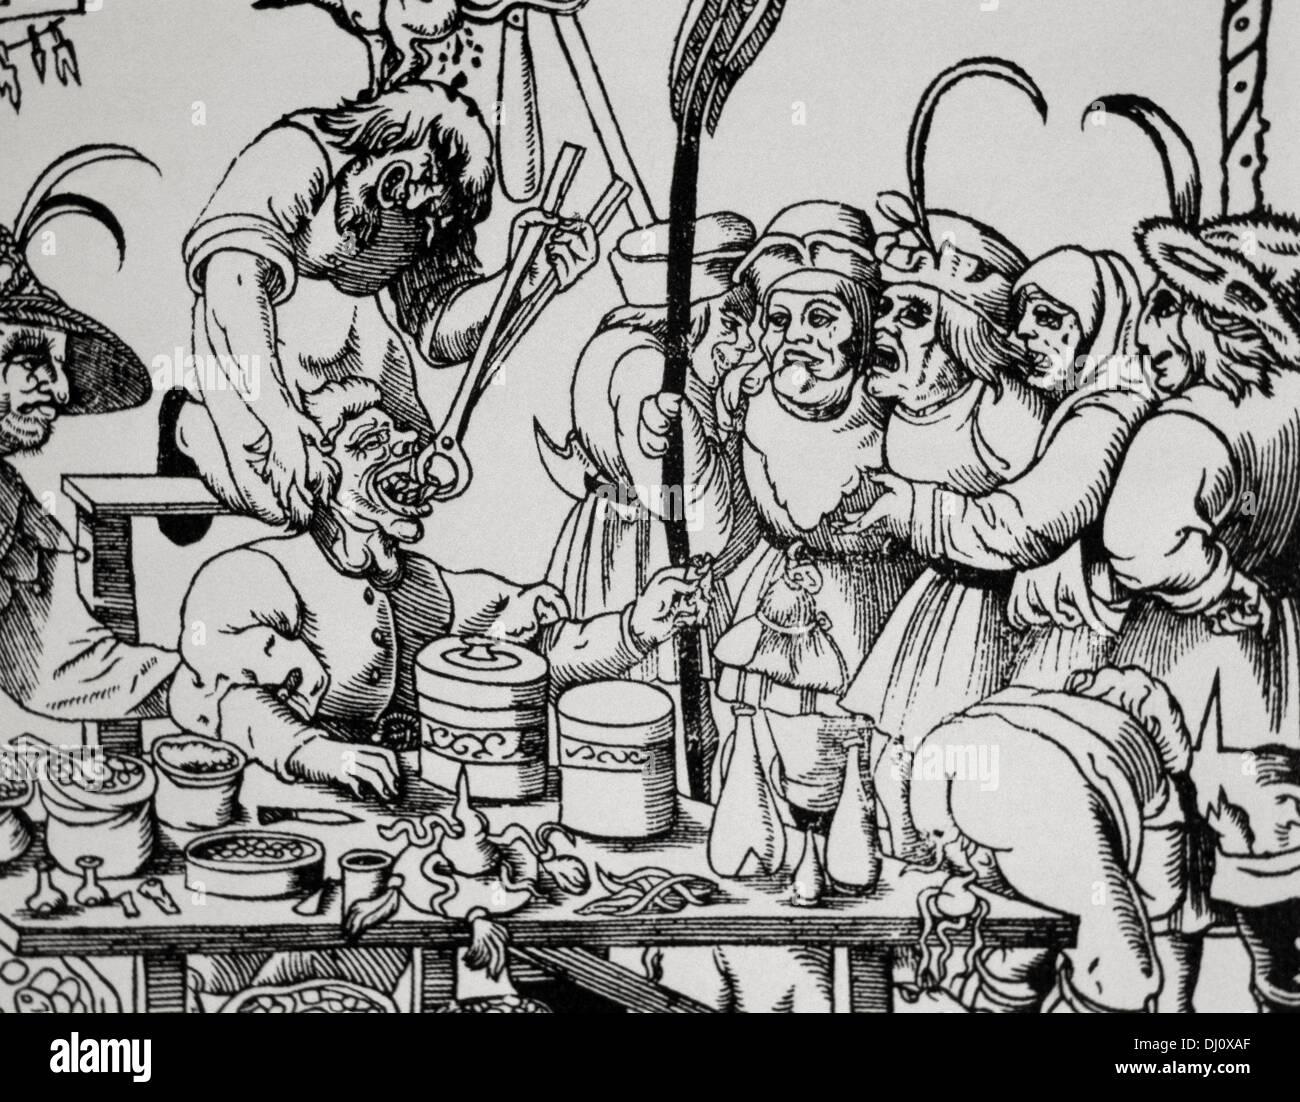 La storia della medicina. Dentista (barbieri o medici generali). Medioevo. La satira. Incisione. Immagini Stock